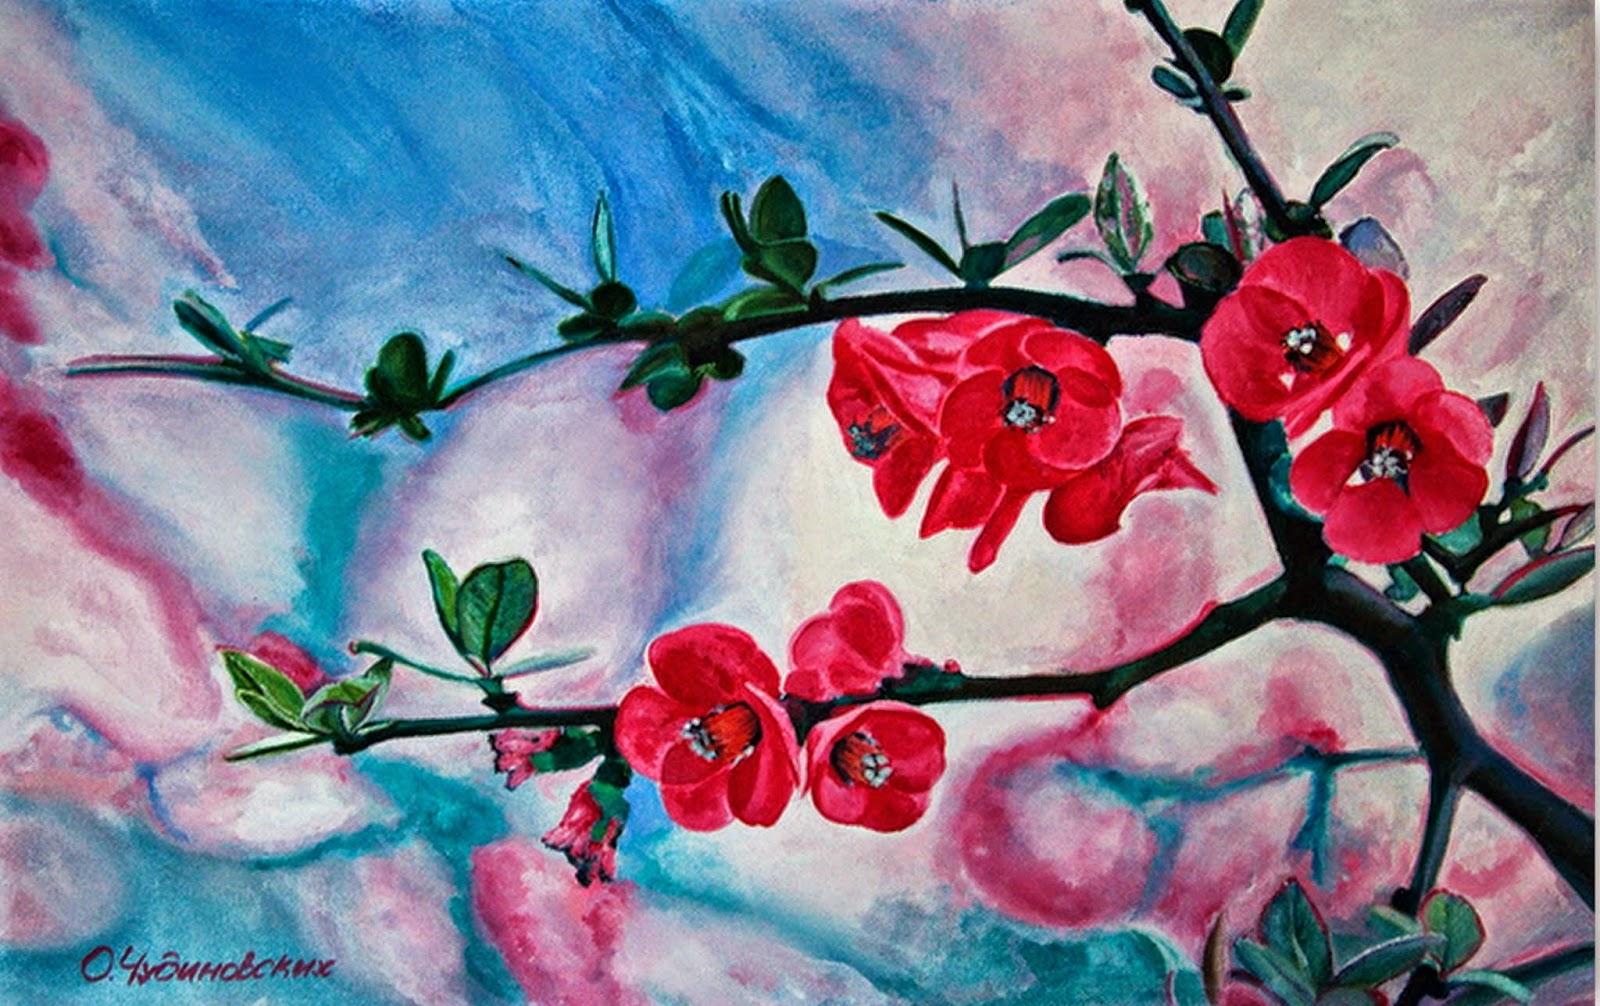 Imgenes Arte Pinturas Ideas Para Pintar Cuadros de Flores Imagenes Artsticas